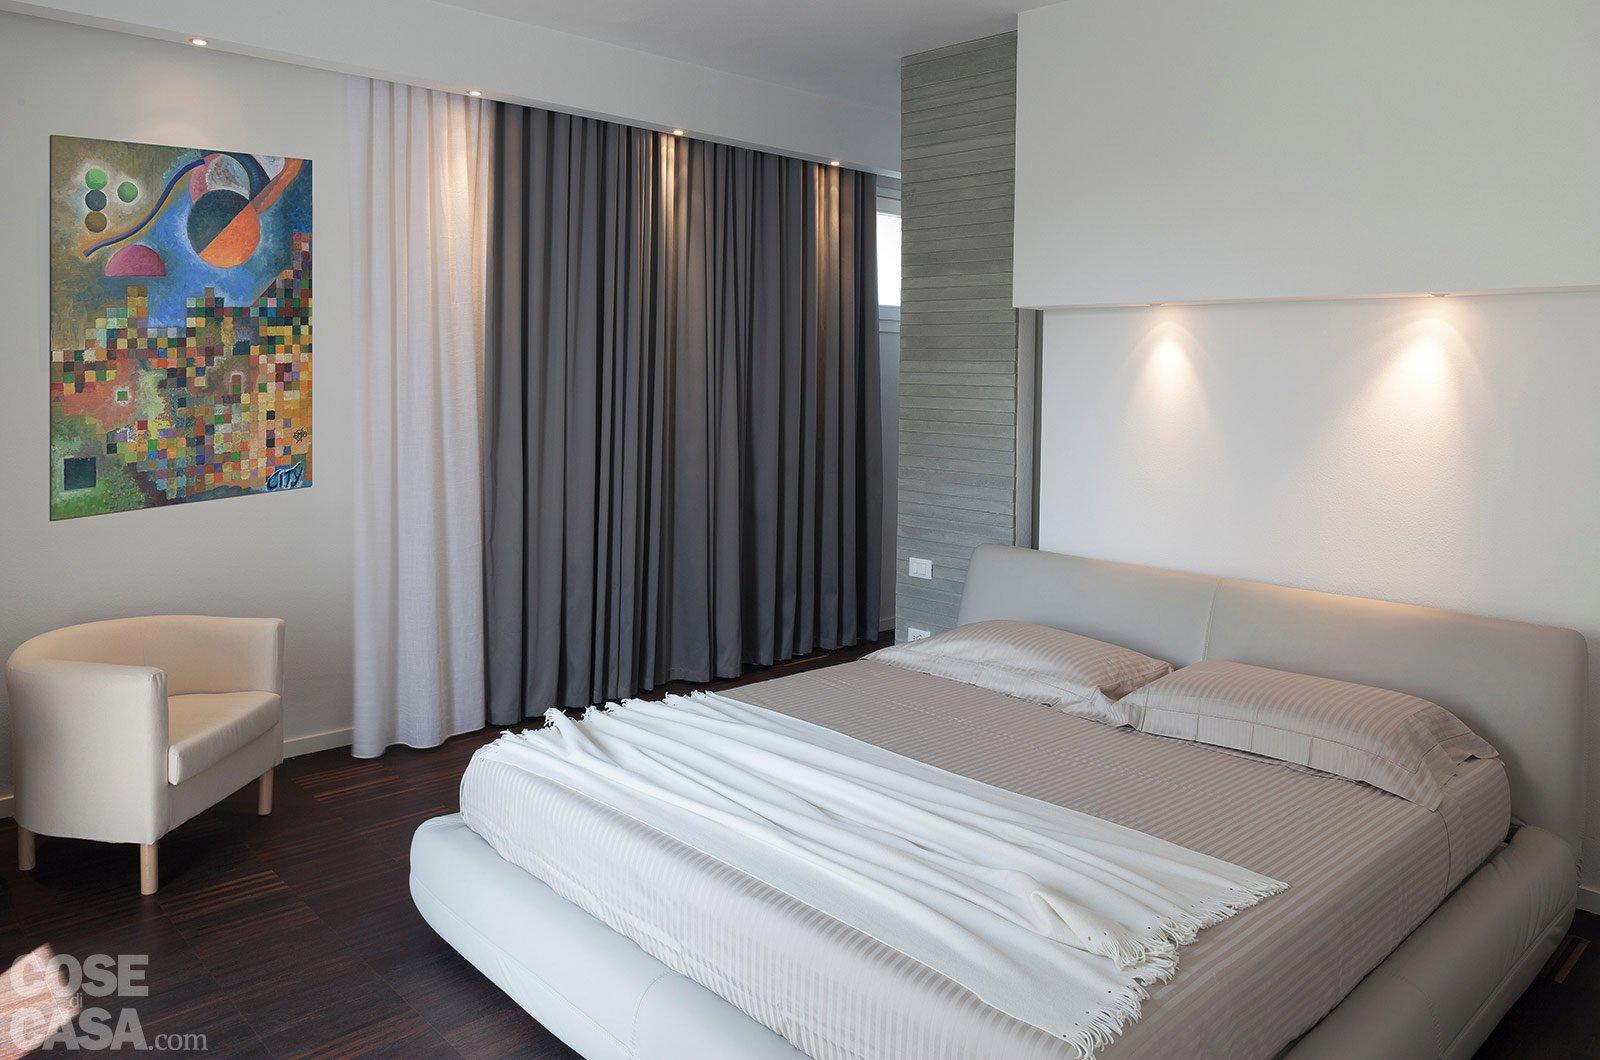 Architetture in piena luce cose di casa - Camere da letto in cartongesso ...